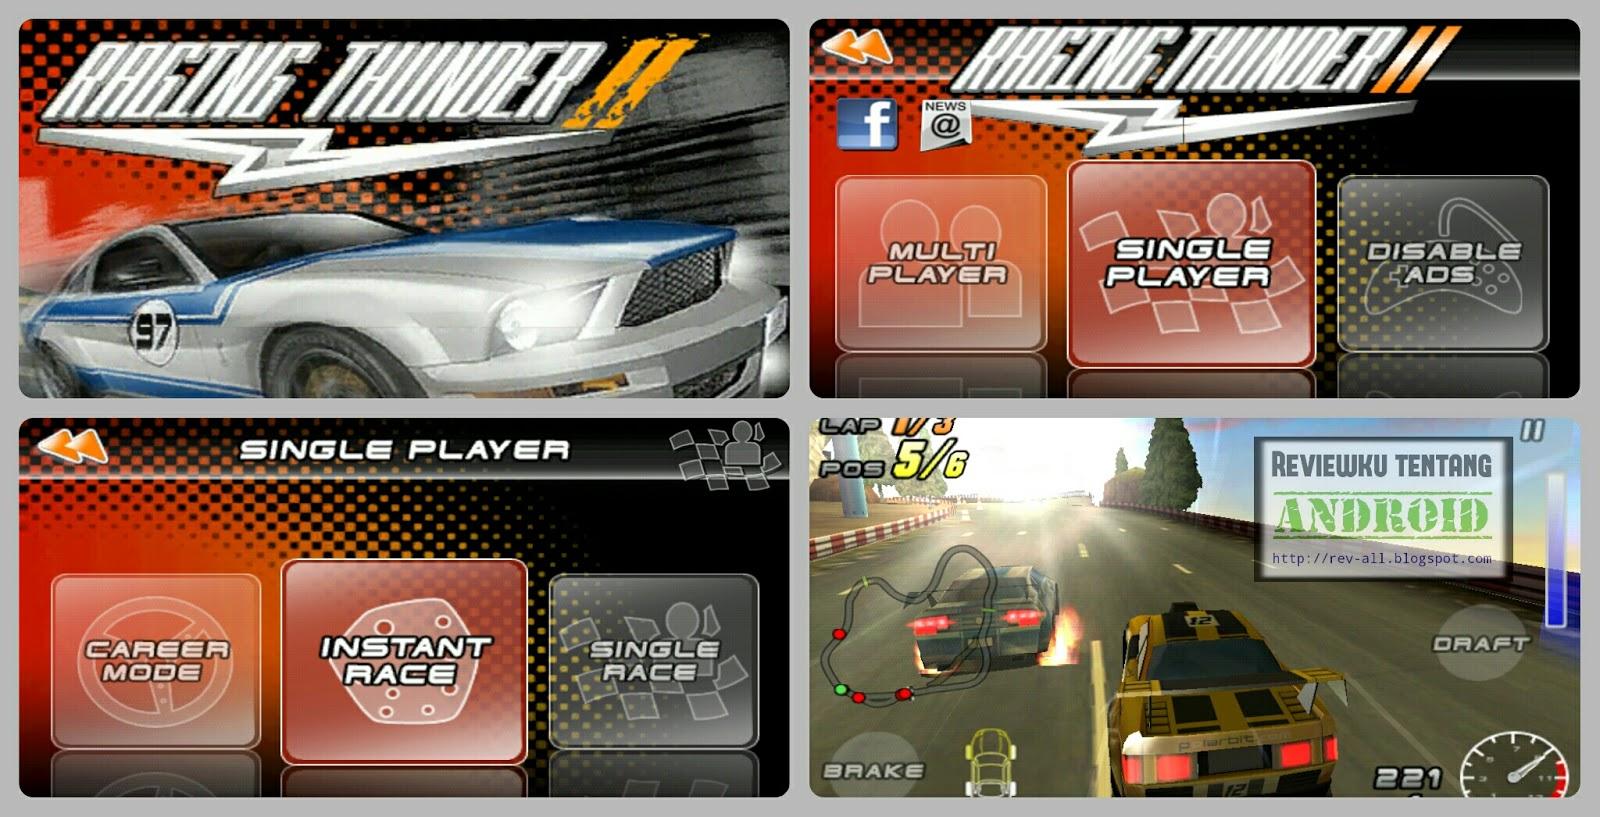 Tampilan Raging Thunder 2 - Permainan balap mobil ringan dan seru dapat multiplayer online (rev-all.blogspot.com)